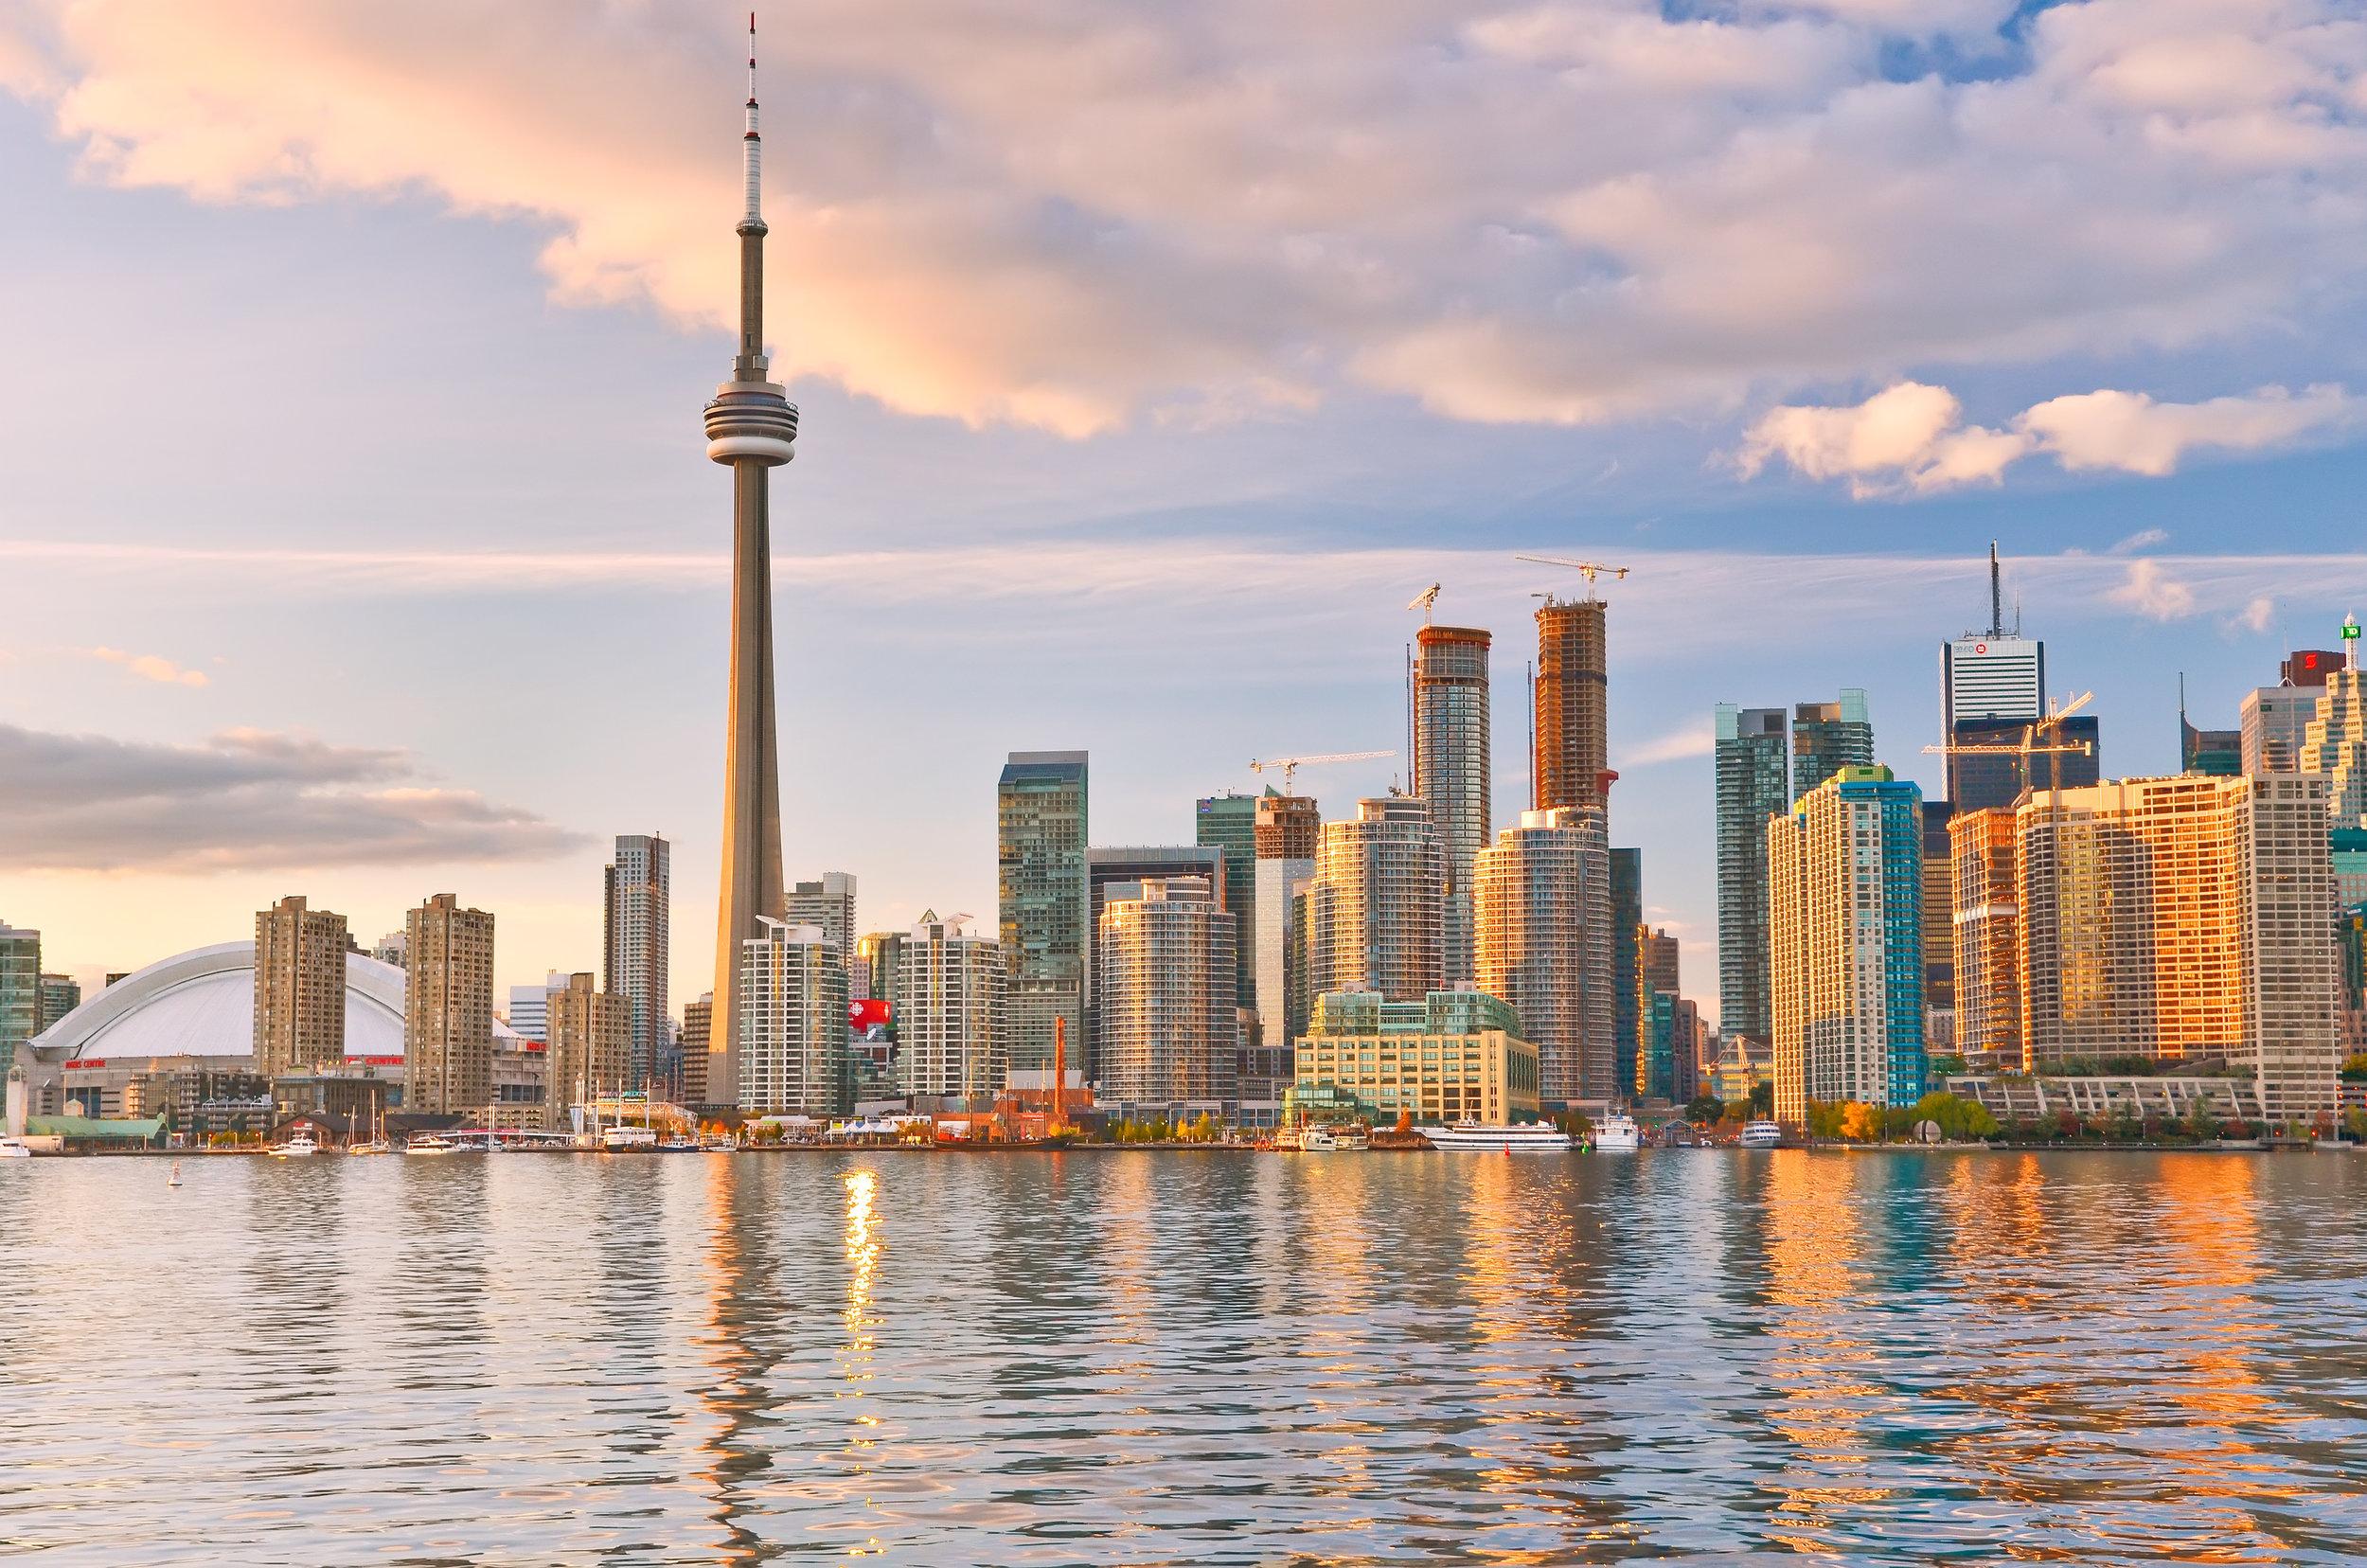 Toronto-NBA-escapade Mère fils-enfant-famille-maman-Je suis une maman-voyage-Jaime Damak